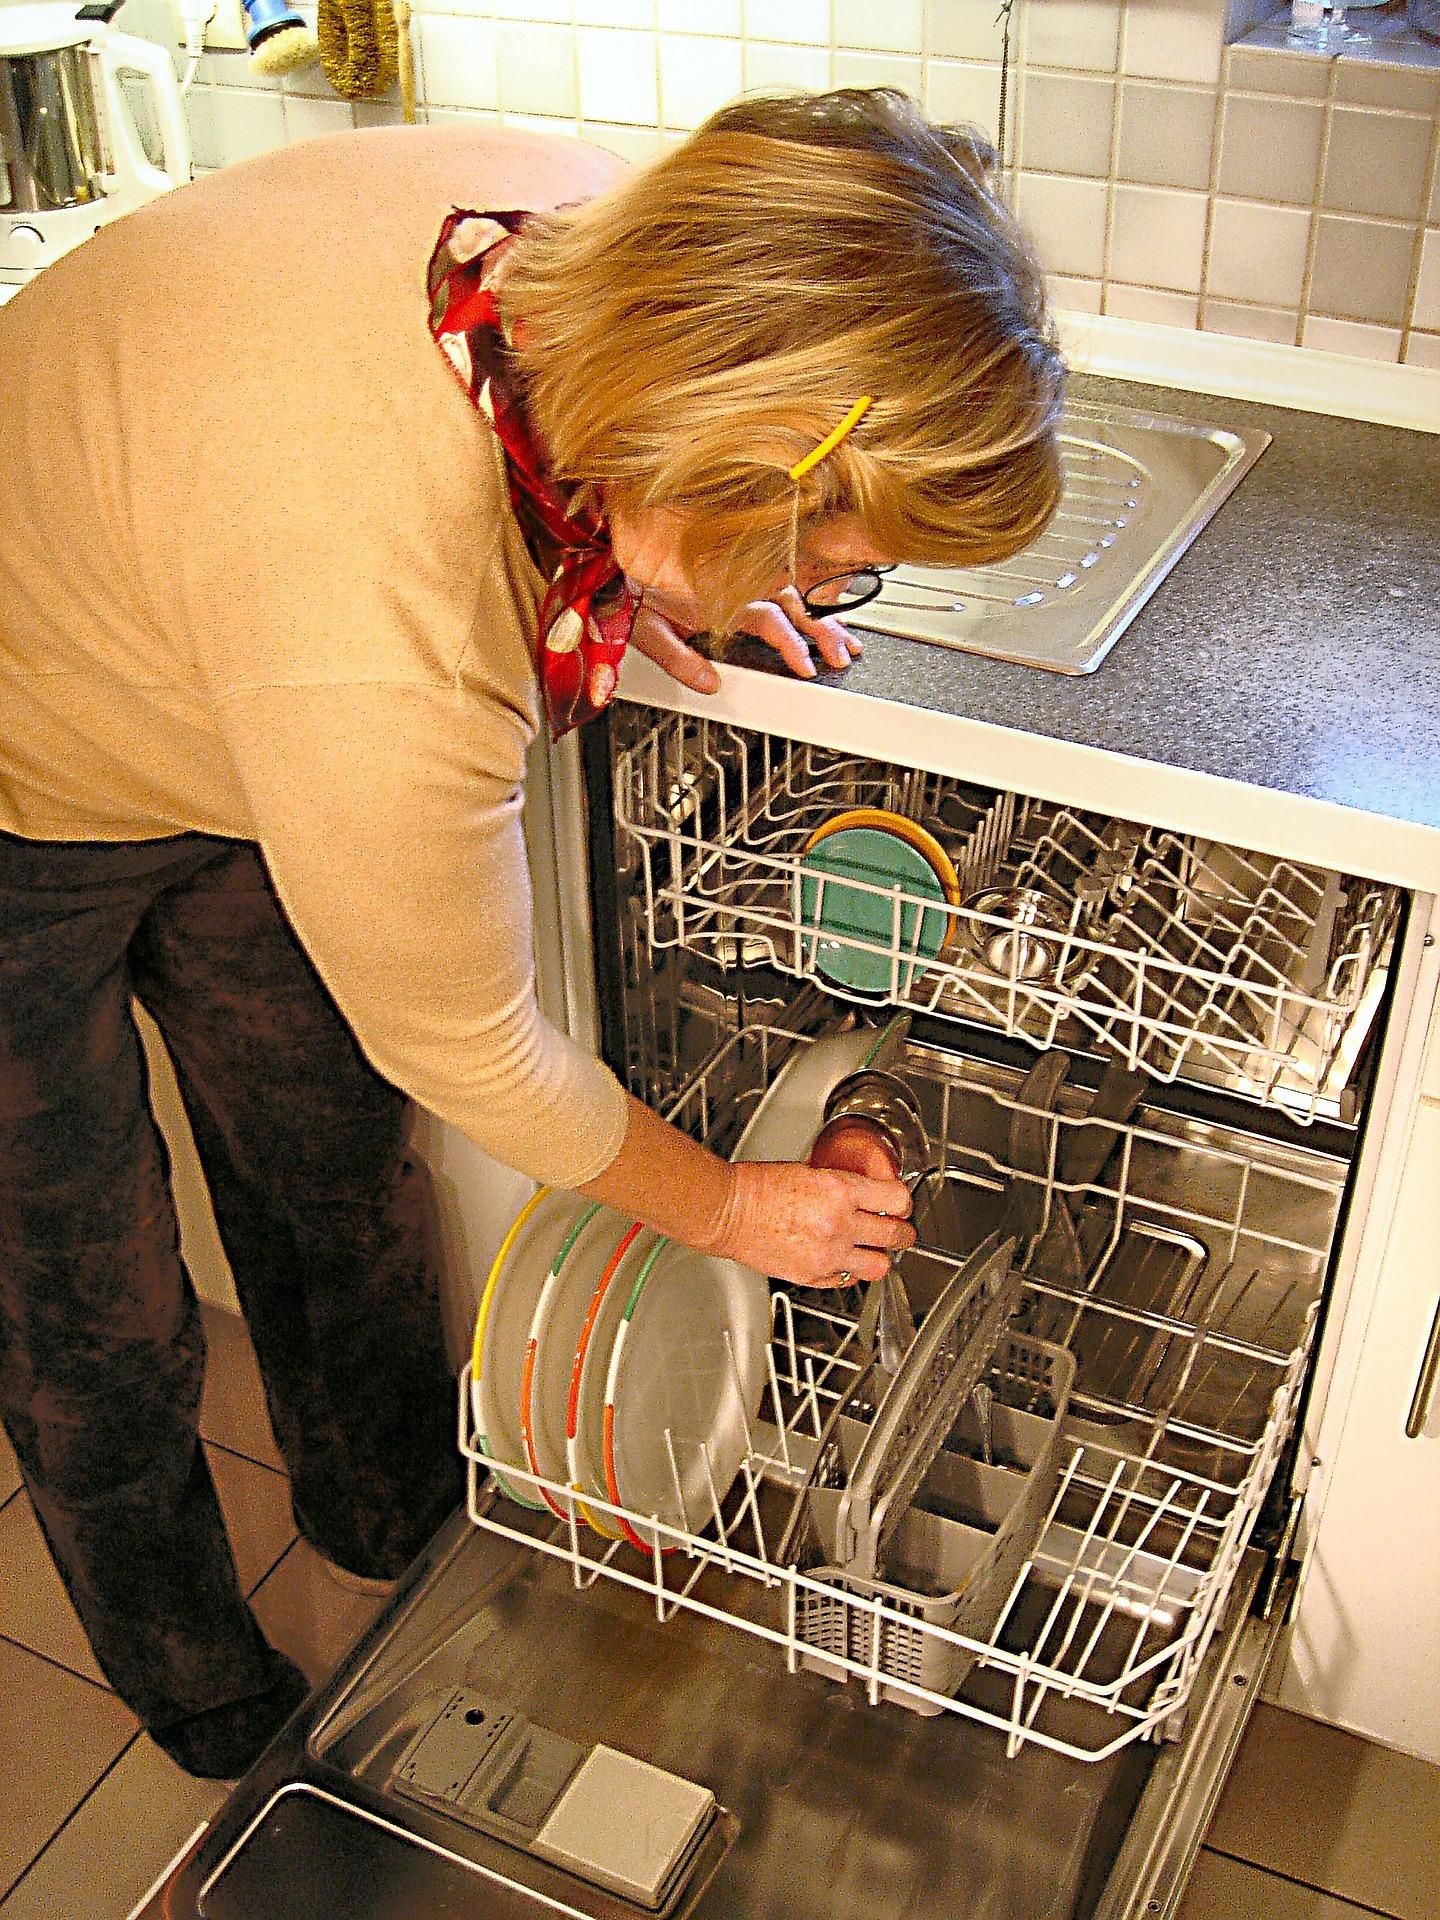 Patelnie szklane można myć w zmywarkach